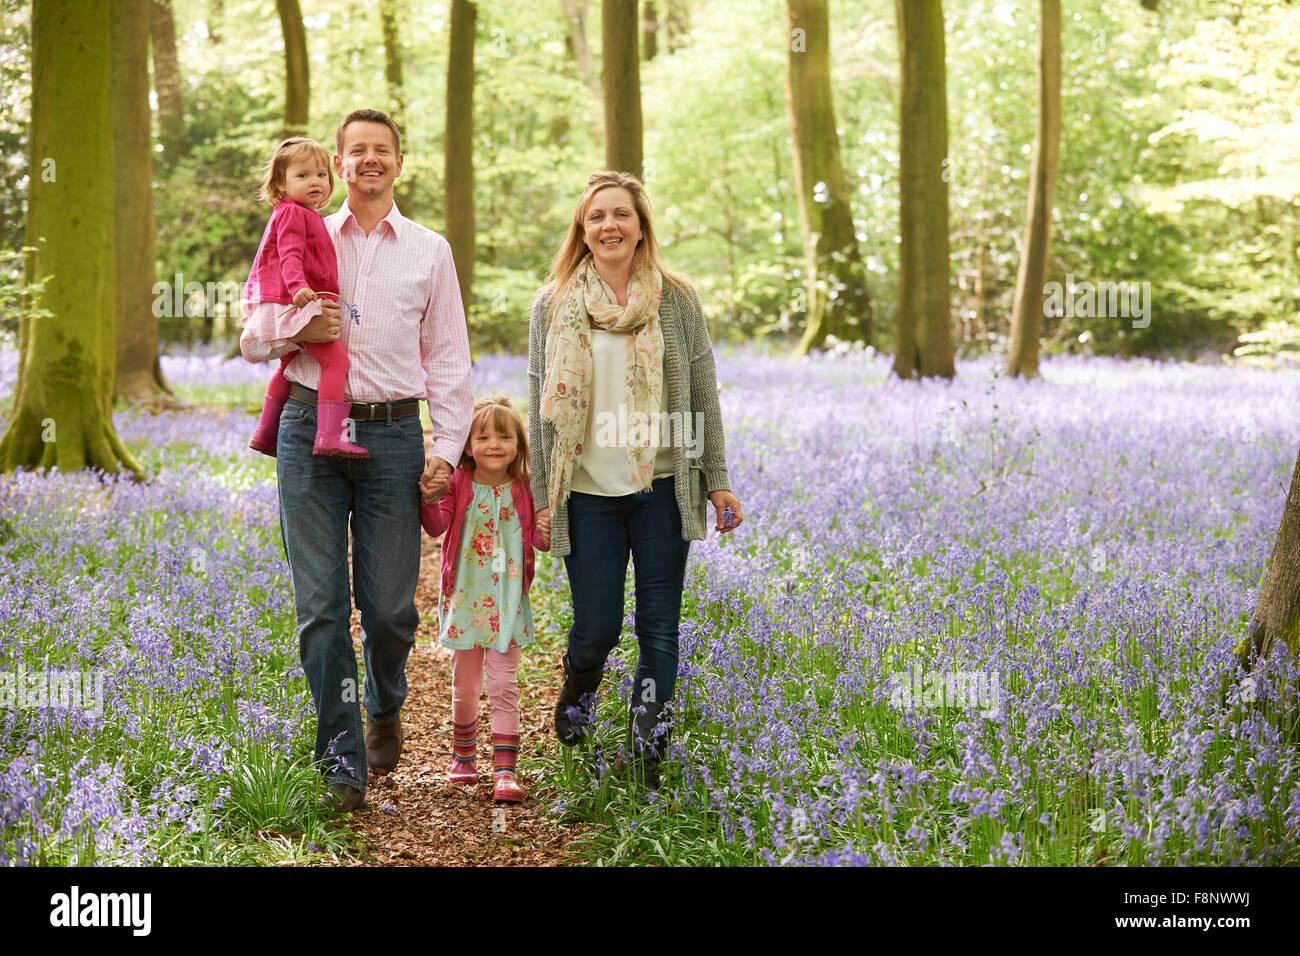 Famiglia passeggiate attraverso boschi Bluebell insieme Immagini Stock